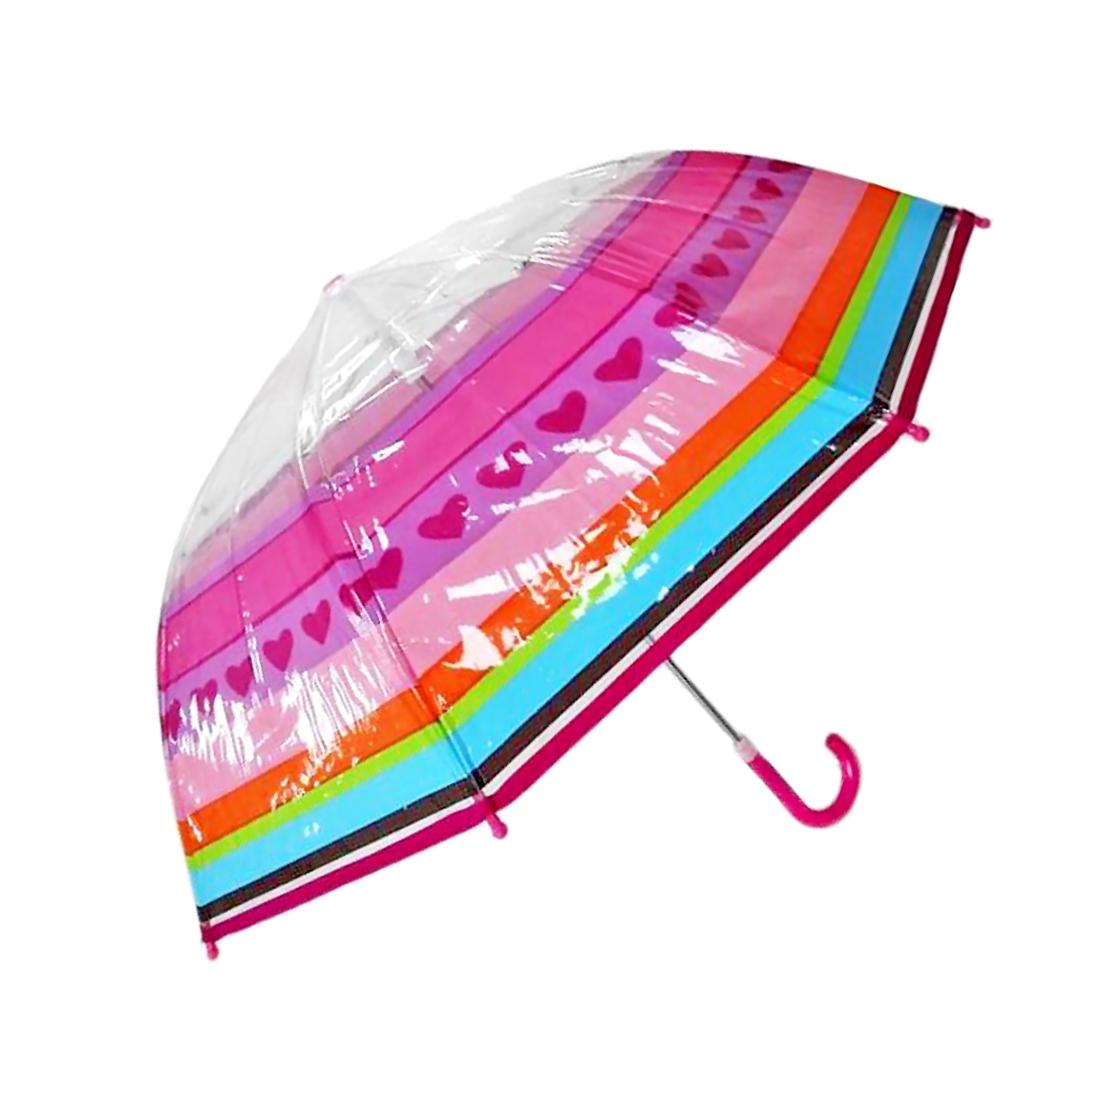 Зонт Mary Poppins Радуга 46 см элси колонэл смит после дождя появится радуга роман